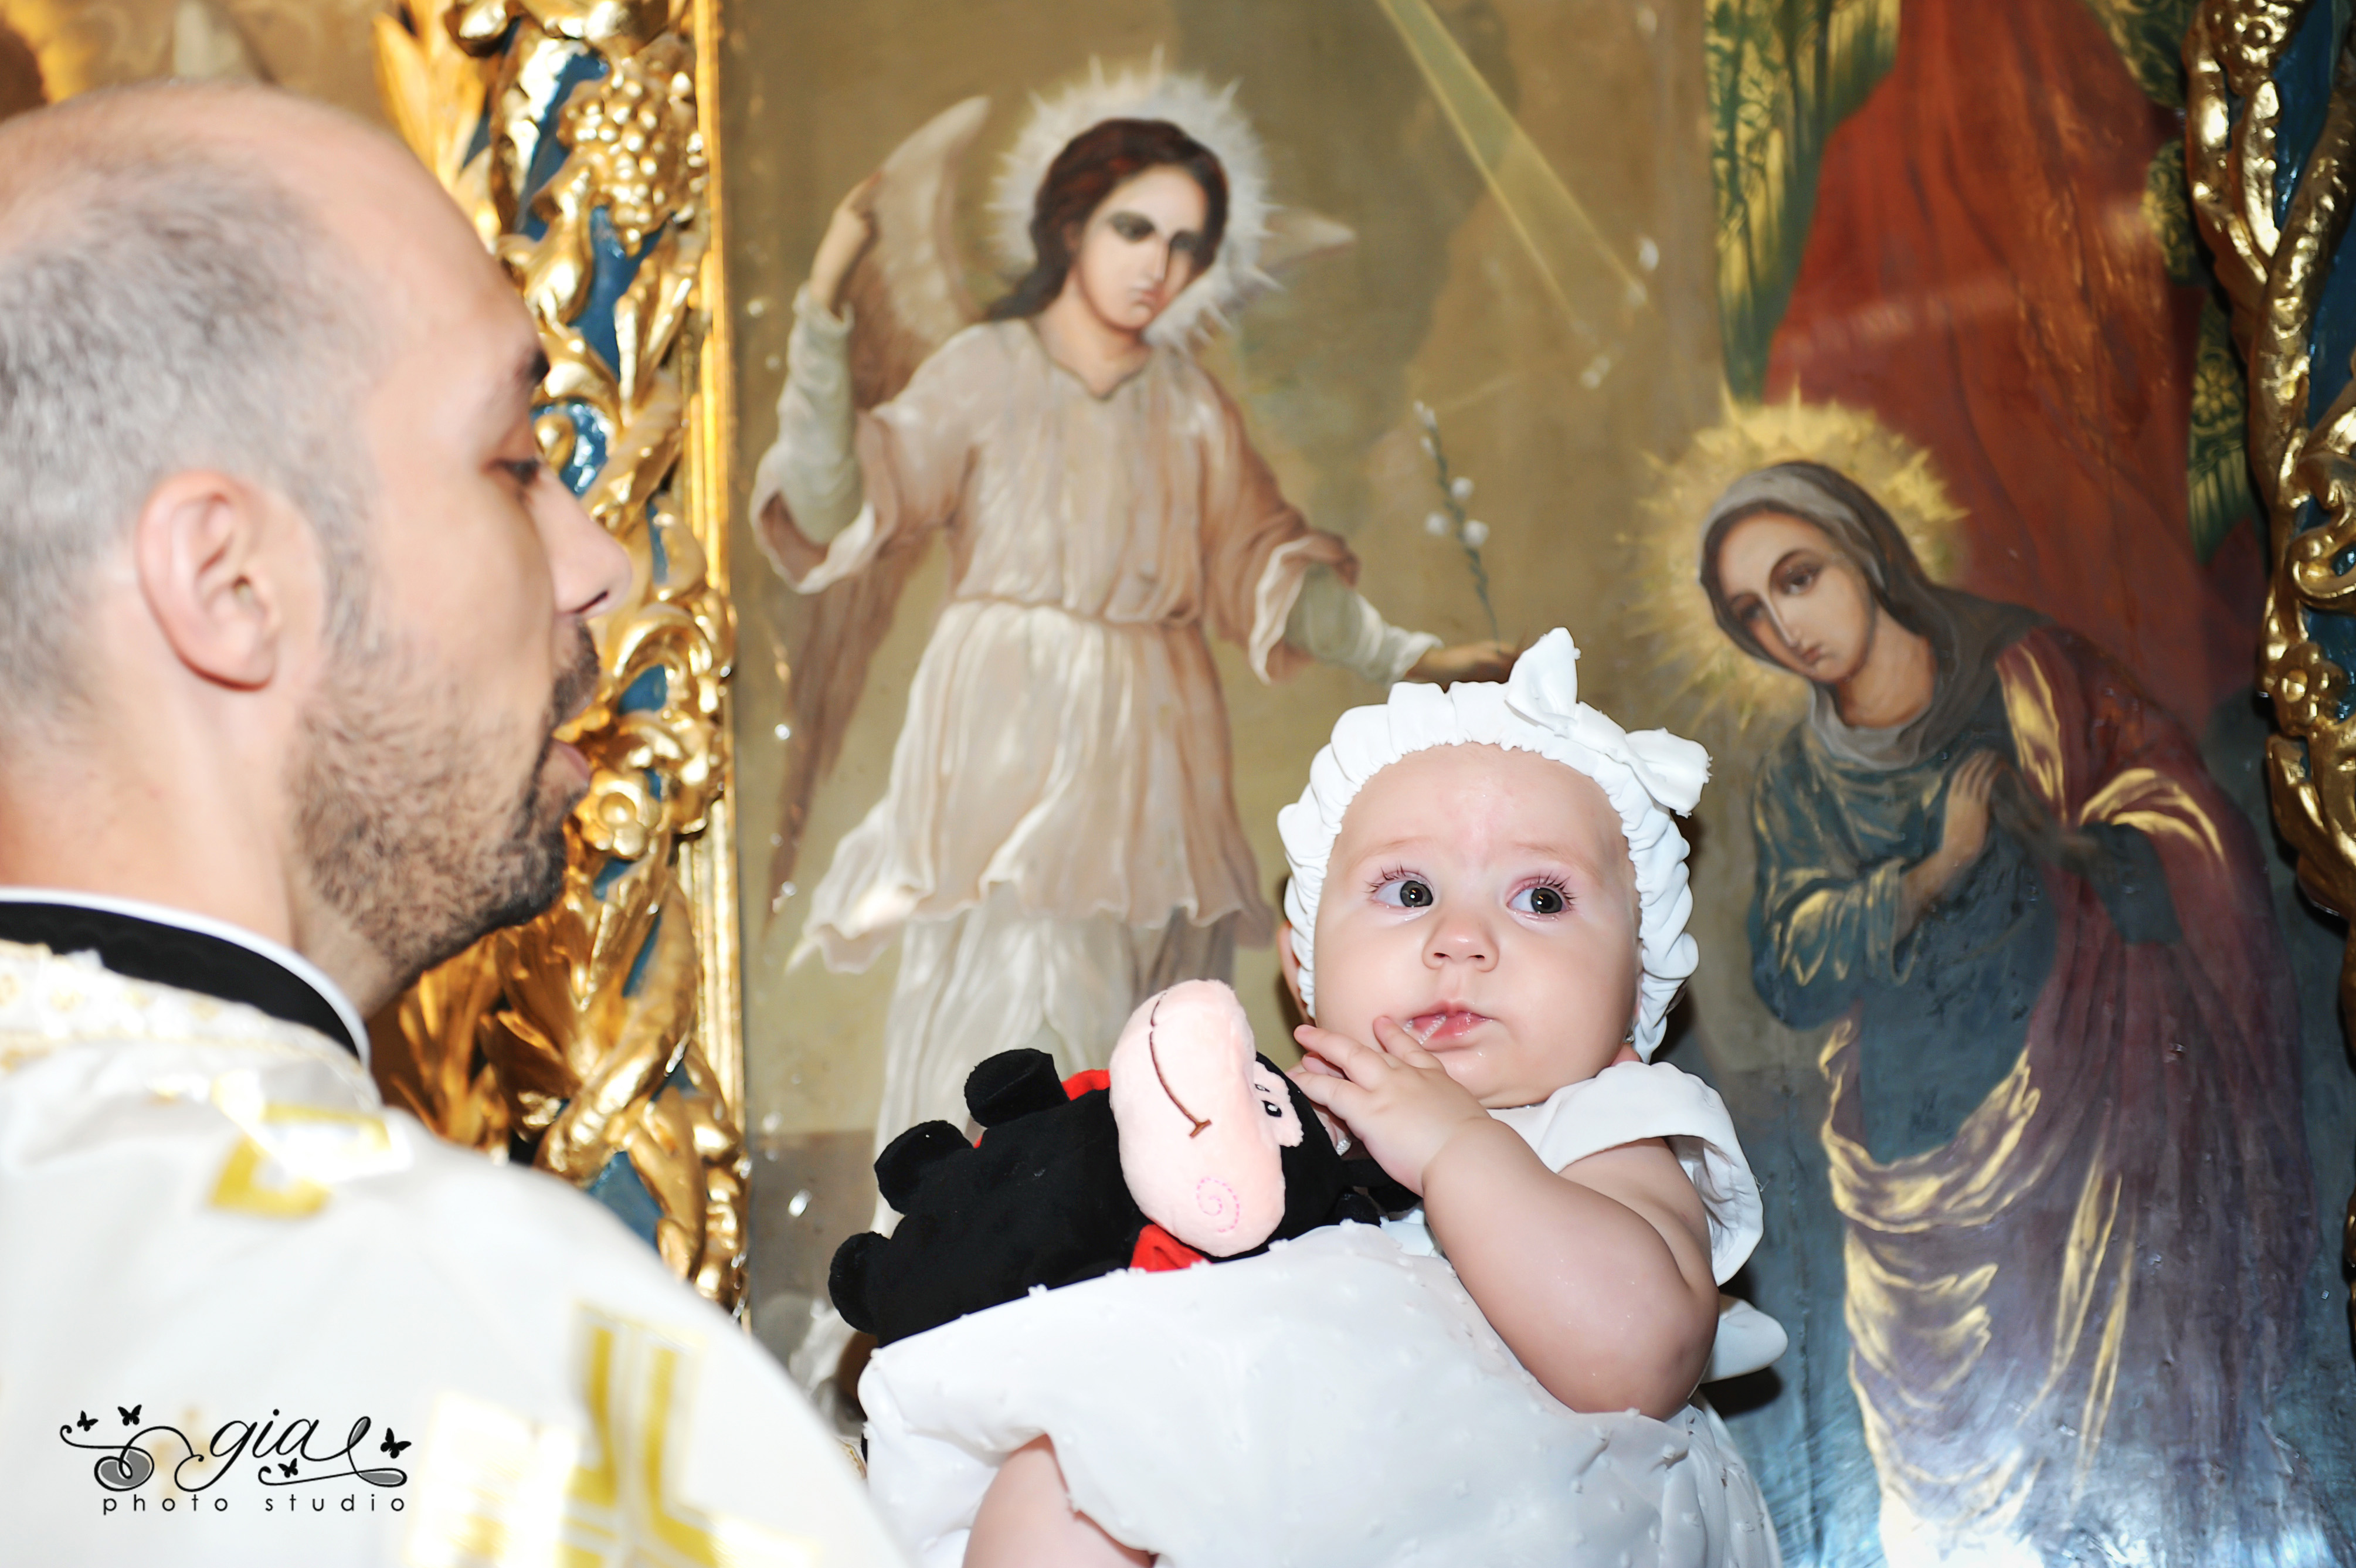 Poza botez biserica GIA STUDIO